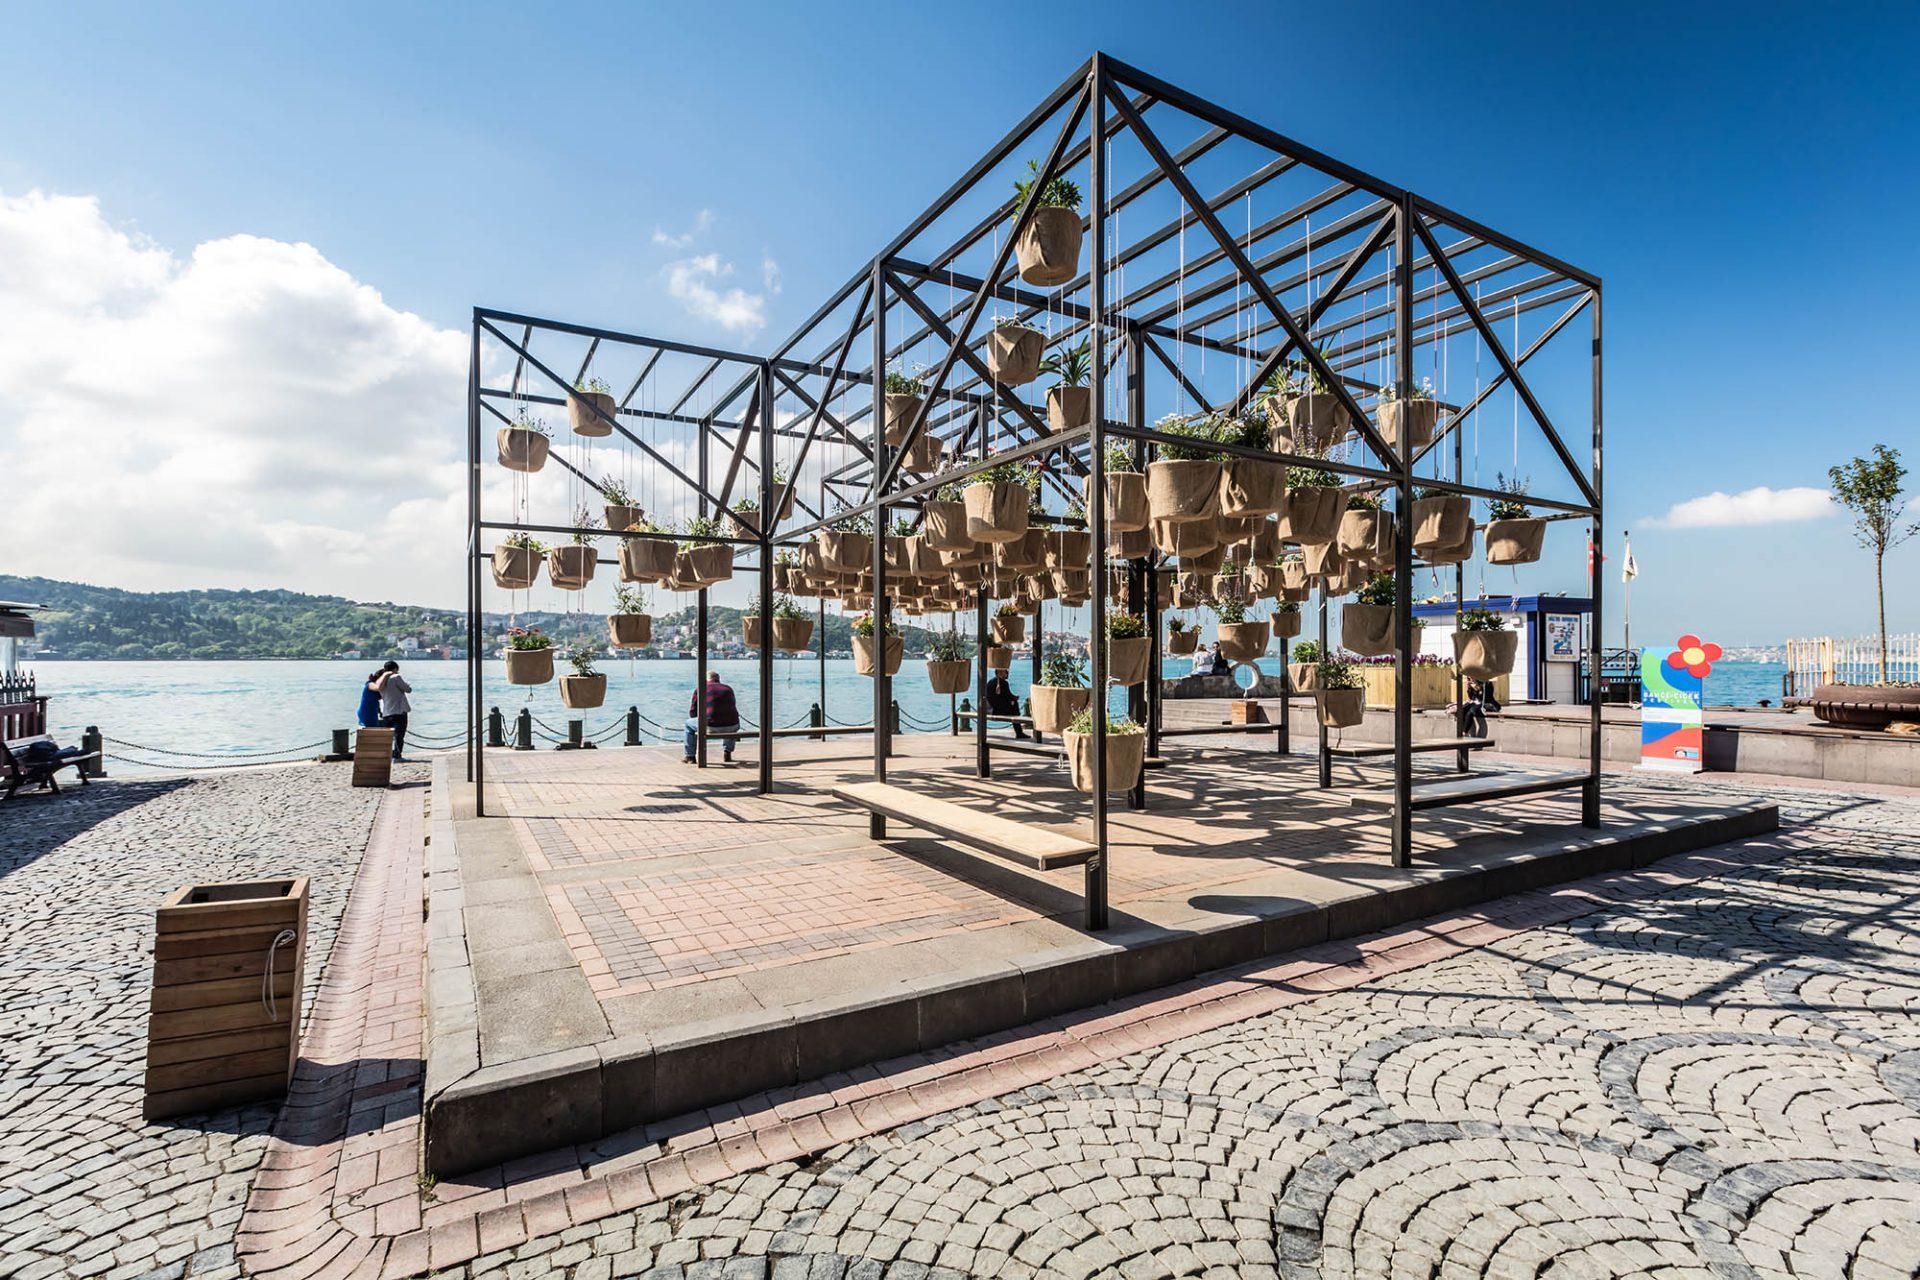 Flying Garden. Kategorie: Öffentliche Installaton. Größe: 60 m2. Auftraggeber: Beşiktaş Belediyesi, Istanbul. Eröffnet: Frühjahr 2016.